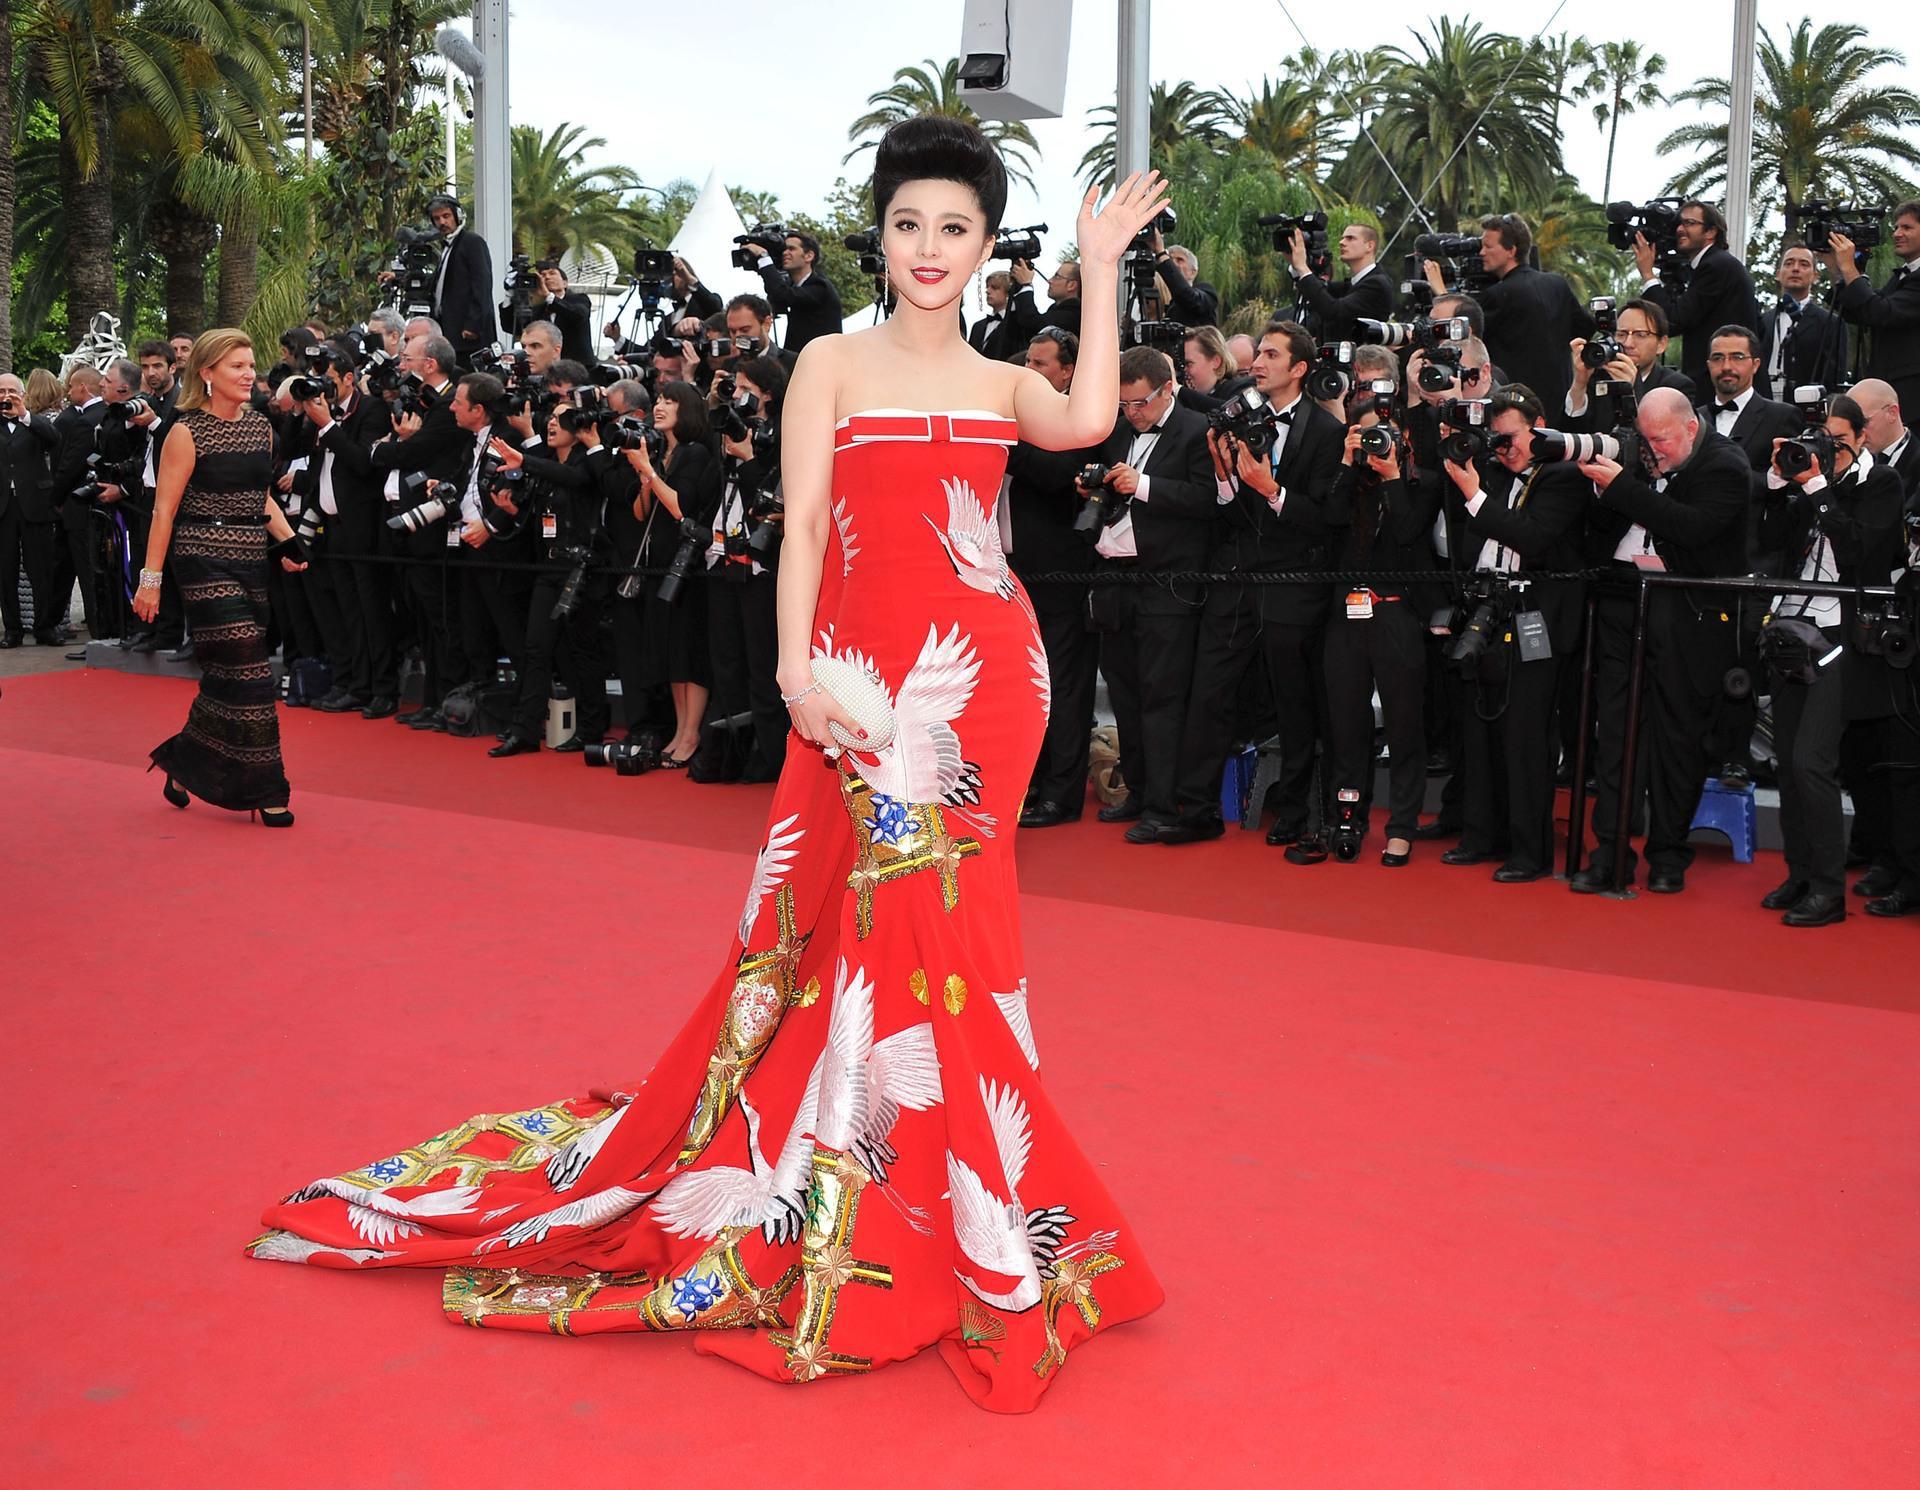 Nhìn thảm đỏ LHP Cannes lố lăng năm nay, chỉ muốn thốt lên: Phạm Băng Băng trốn thuế nhưng vẫn chưa chết nha mấy chế! - Ảnh 5.